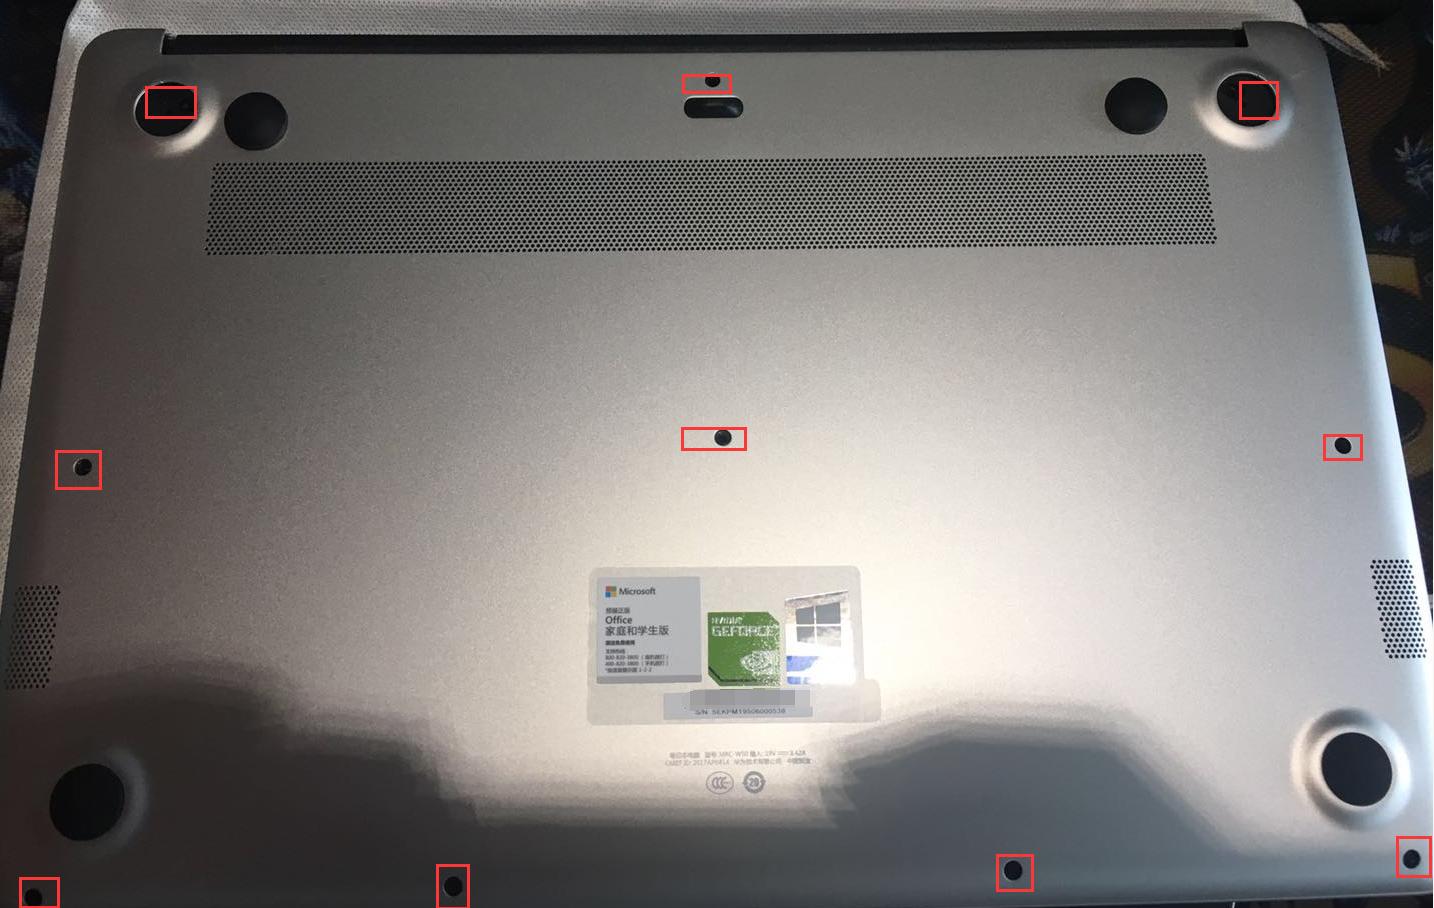 【视频】华为 MateBook D W50E 拆机改配升级内存固态教程视频